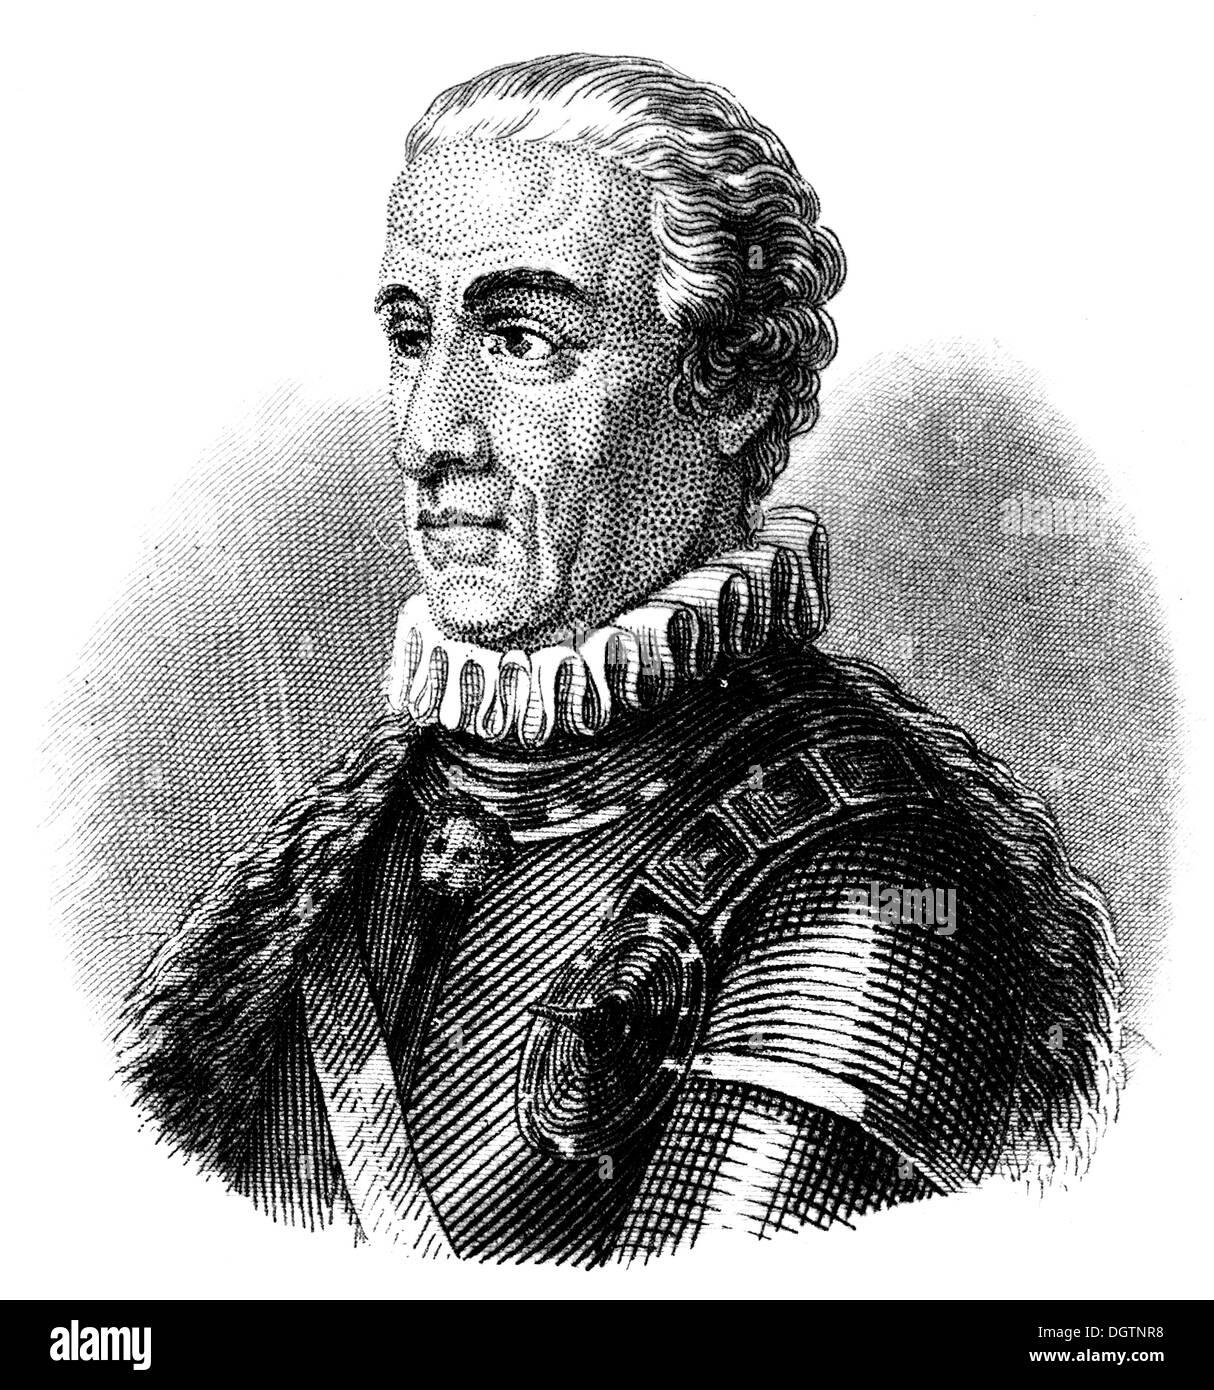 Gideon Ernst Freiherr von Laudon or Laudohn or Loudon, 1717 - 1790, an Austrian general, - Stock Image